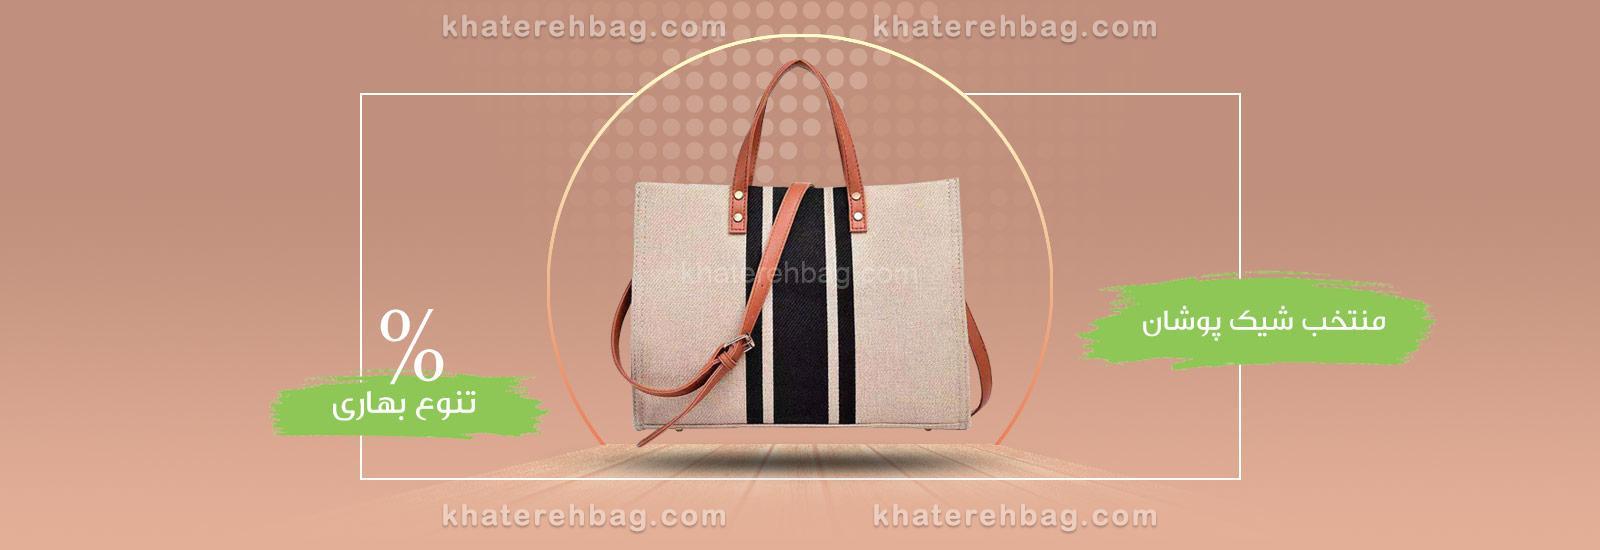 کیف های منتخب زنانه